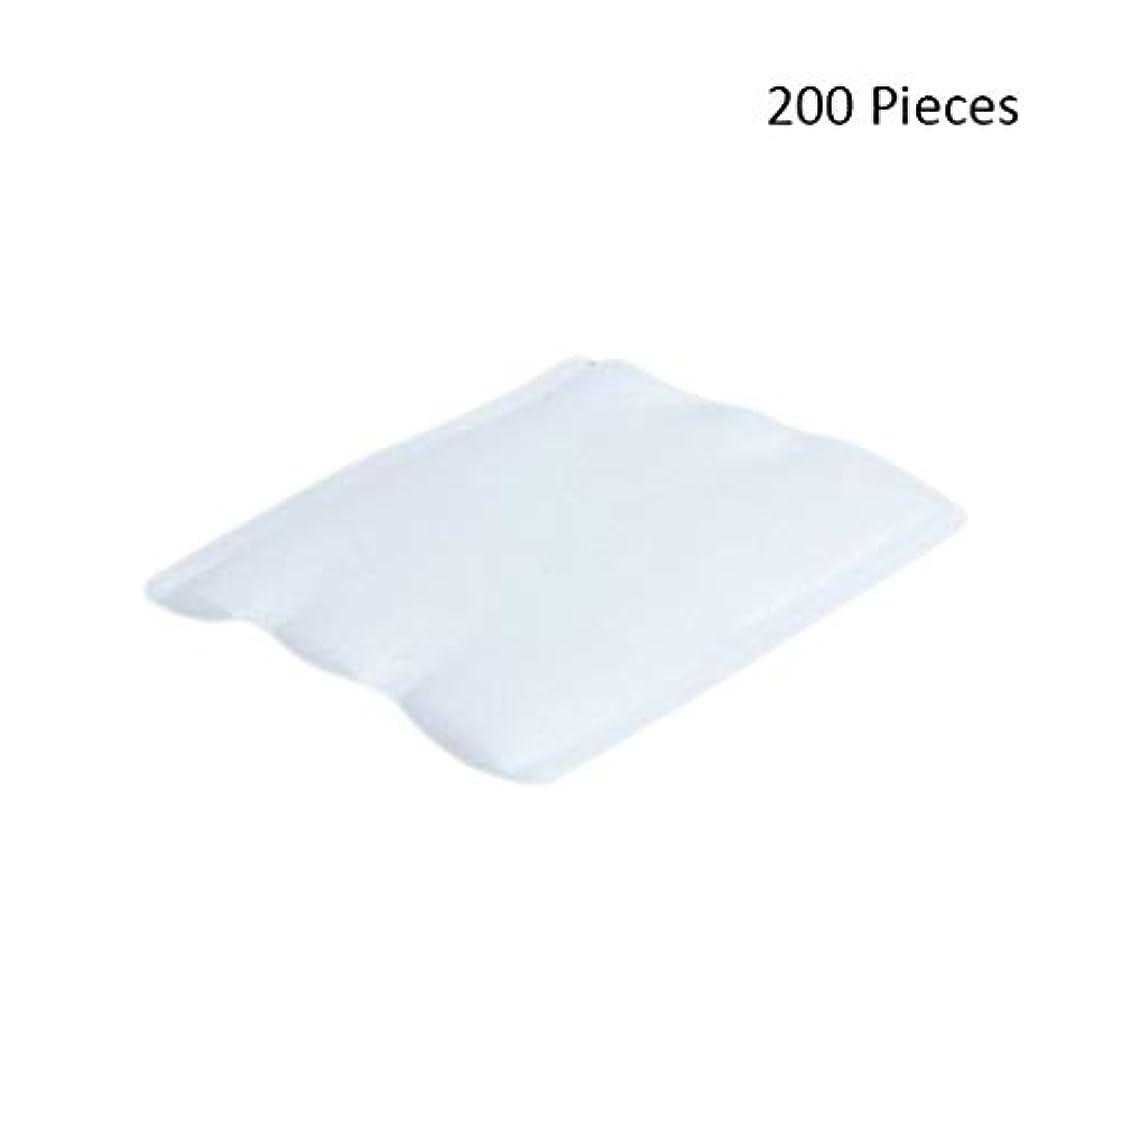 頂点ステレオタイプ発掘する200ピースフェイスメイクアップリムーバーオーガニックフェイシャルクレンジングメイクアップ化粧品リムーバーワイプフェイスウォッシュスキンケアコットンパッド (Color : White, サイズ : 6*5cm)